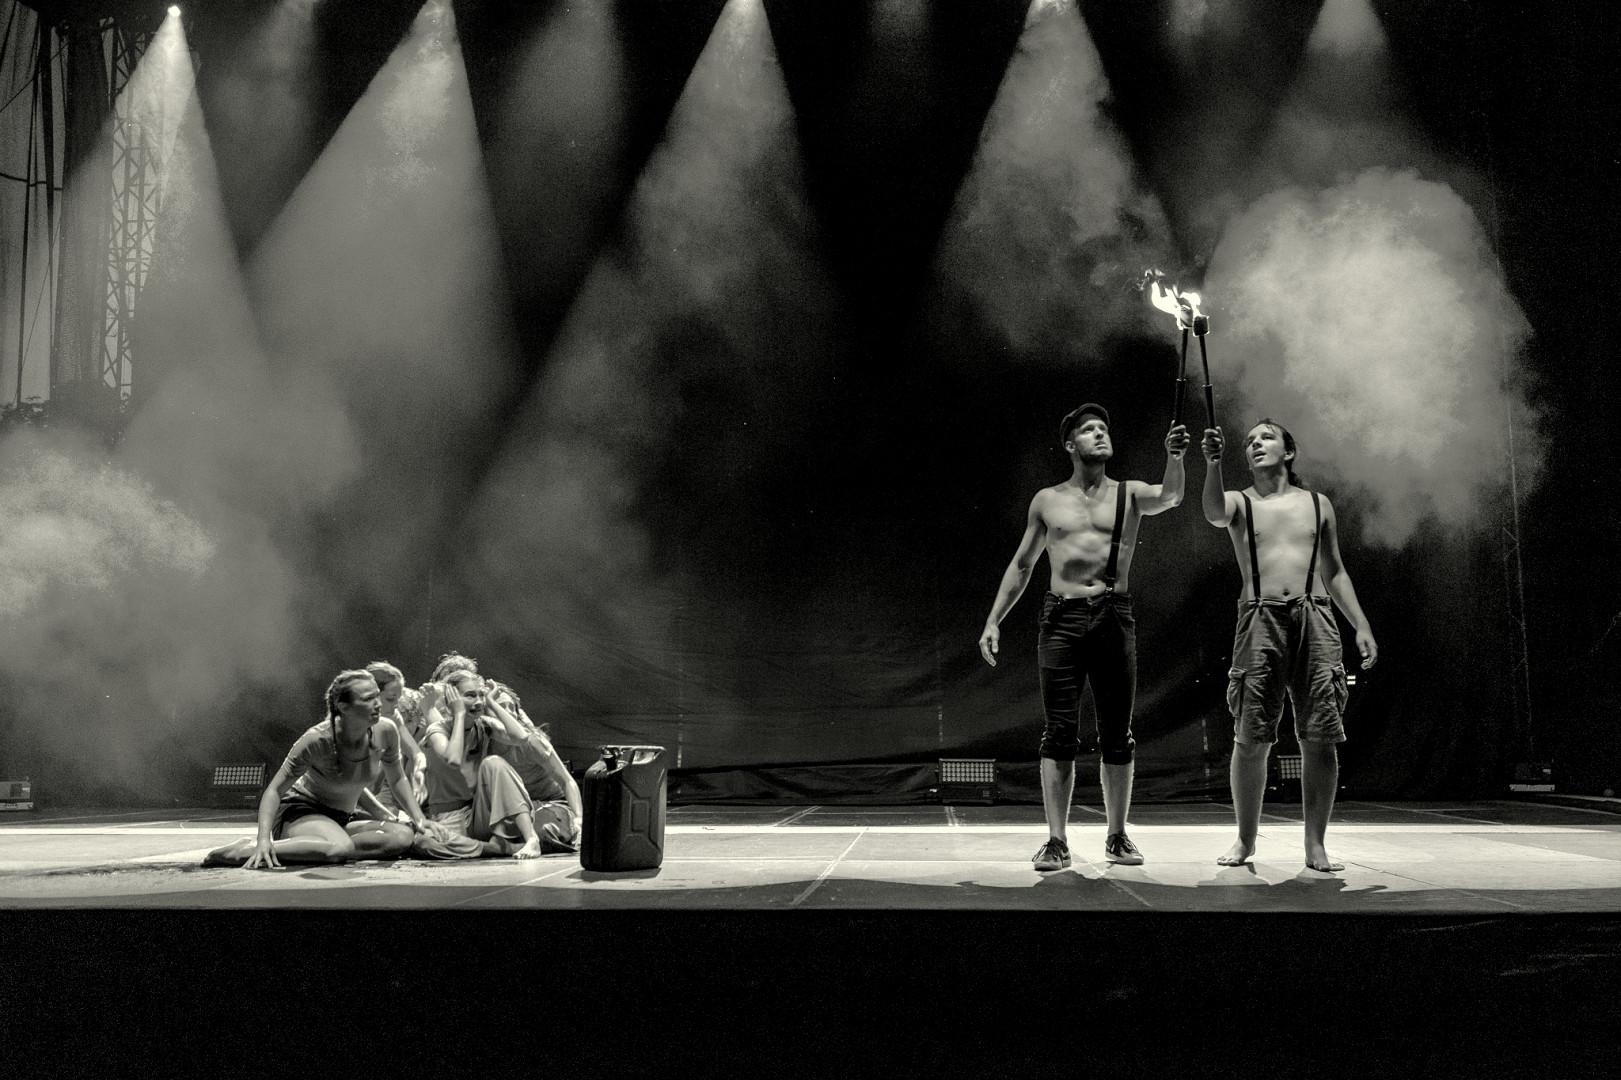 Zdjęcie do projektu Olsztyński Festiwal Teatrów Ulicznych